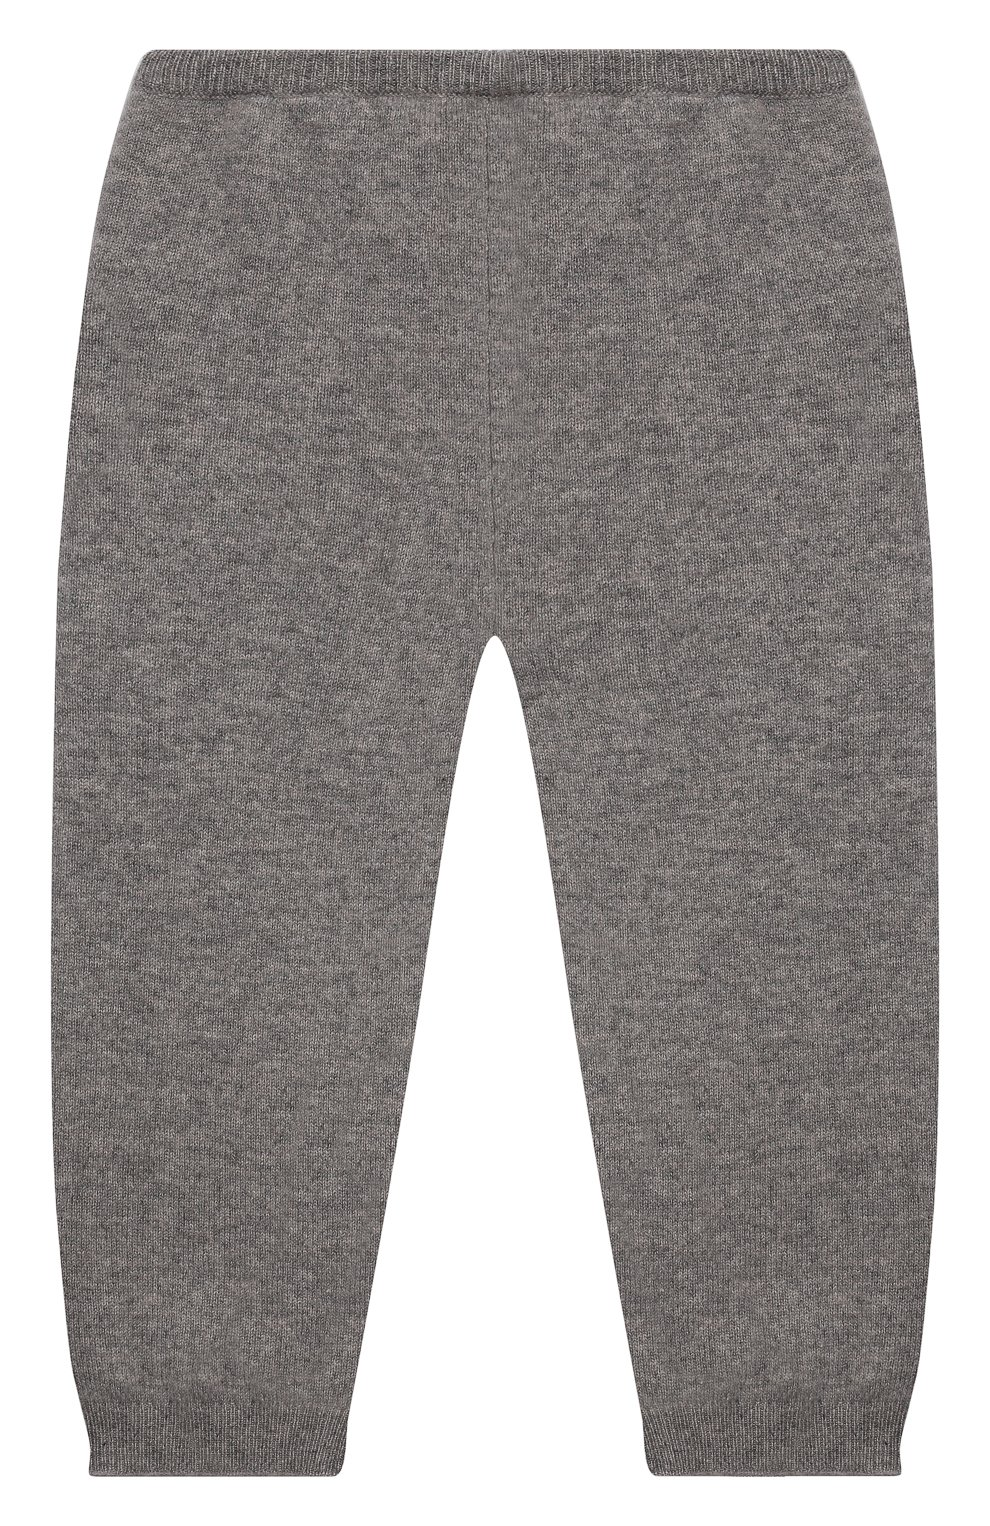 Детские кашемировые джоггеры OSCAR ET VALENTINE серого цвета, арт. LЕG01BS   Фото 2 (Материал внешний: Шерсть, Кашемир; Ростовка одежда: 12 мес   80 см, 18 мес   86 см, 2 года   92 см)